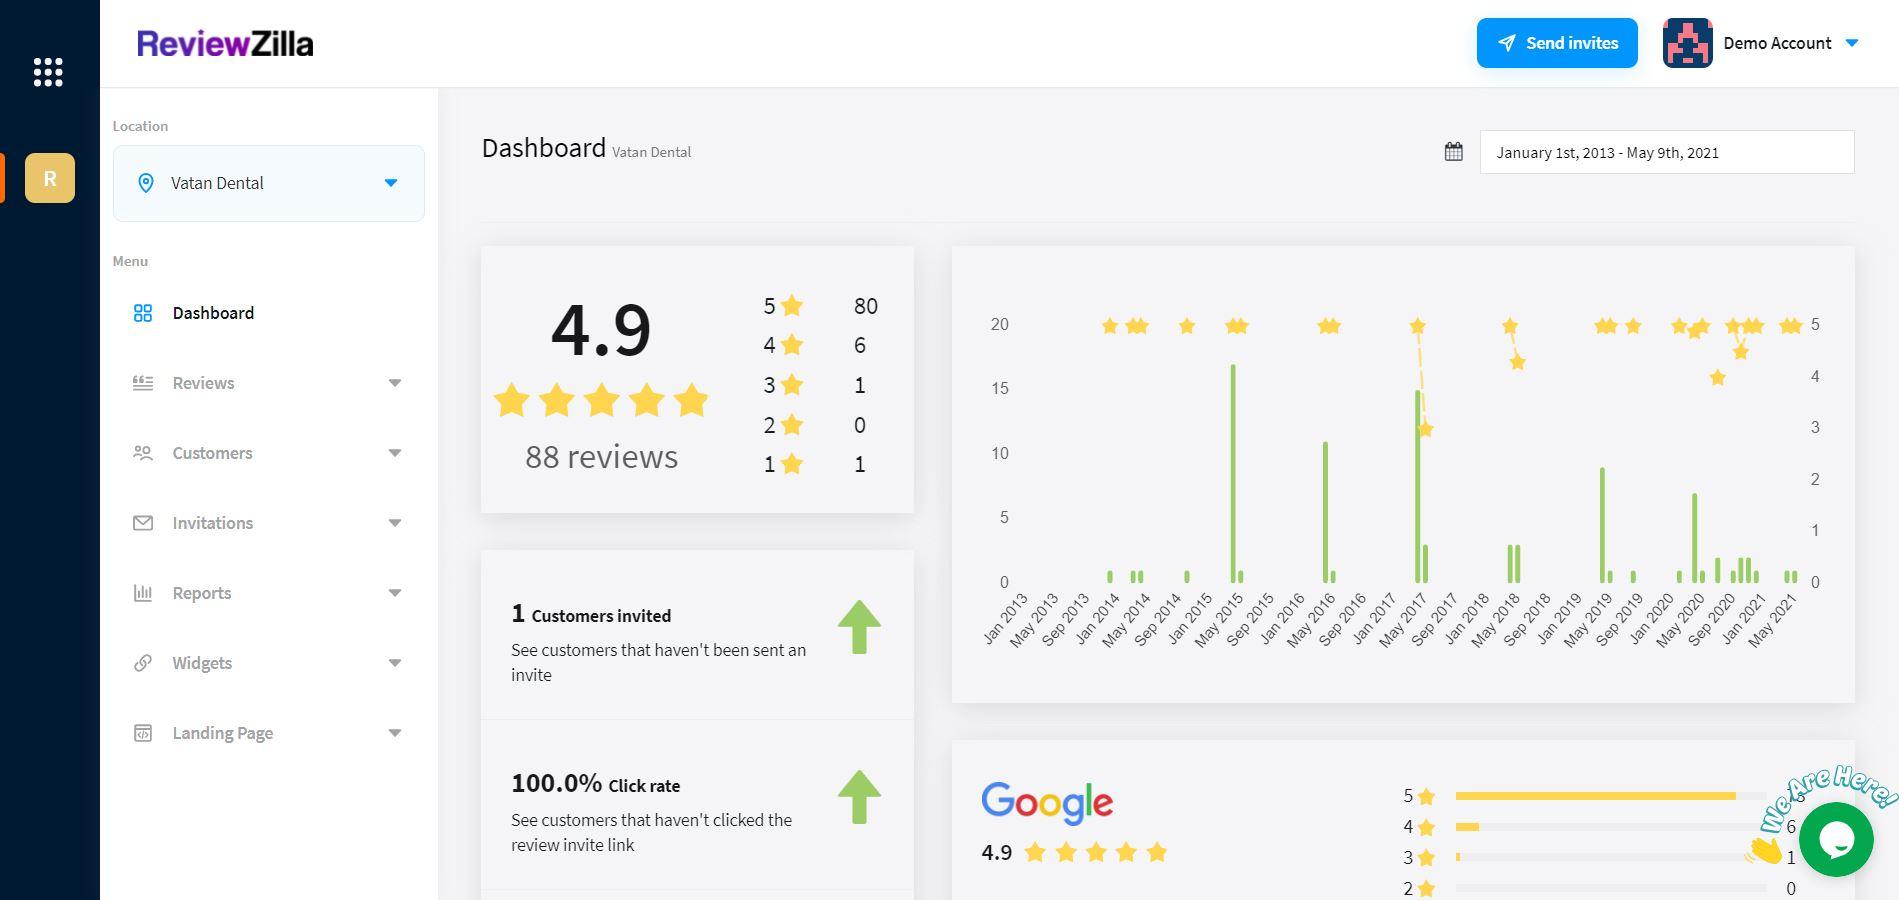 ReviewZilla dashboard